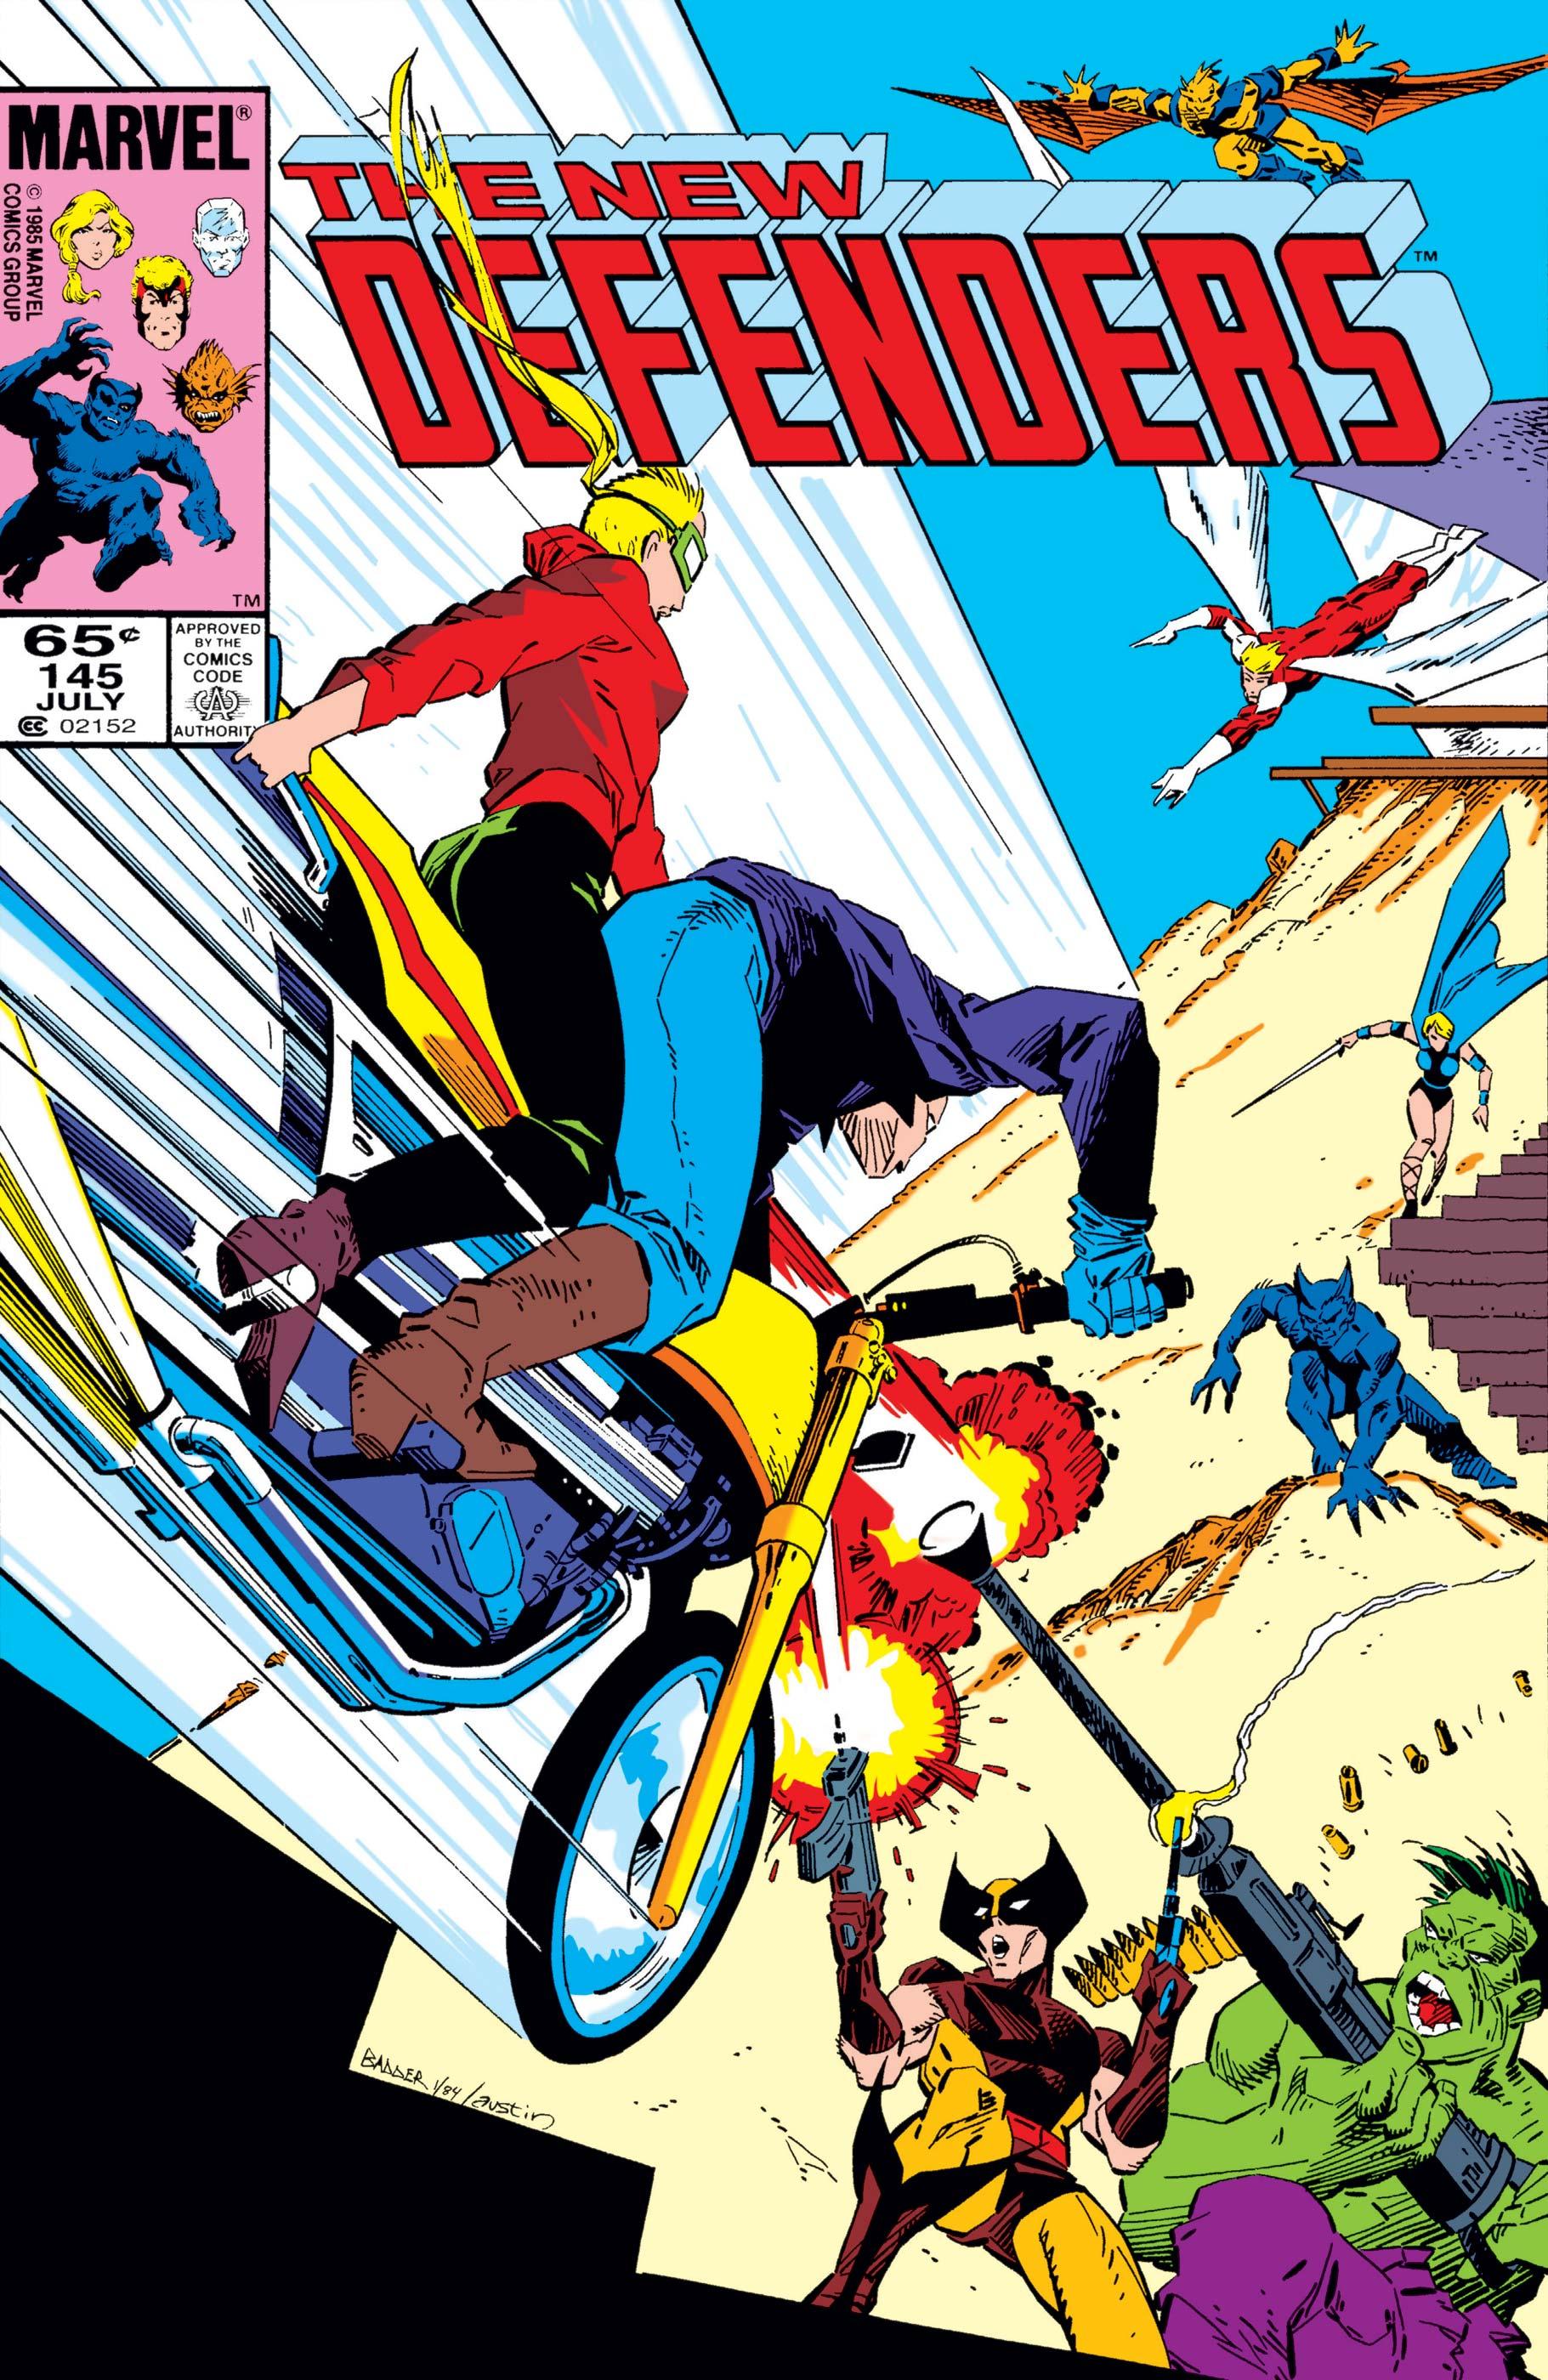 Defenders (1972) #145